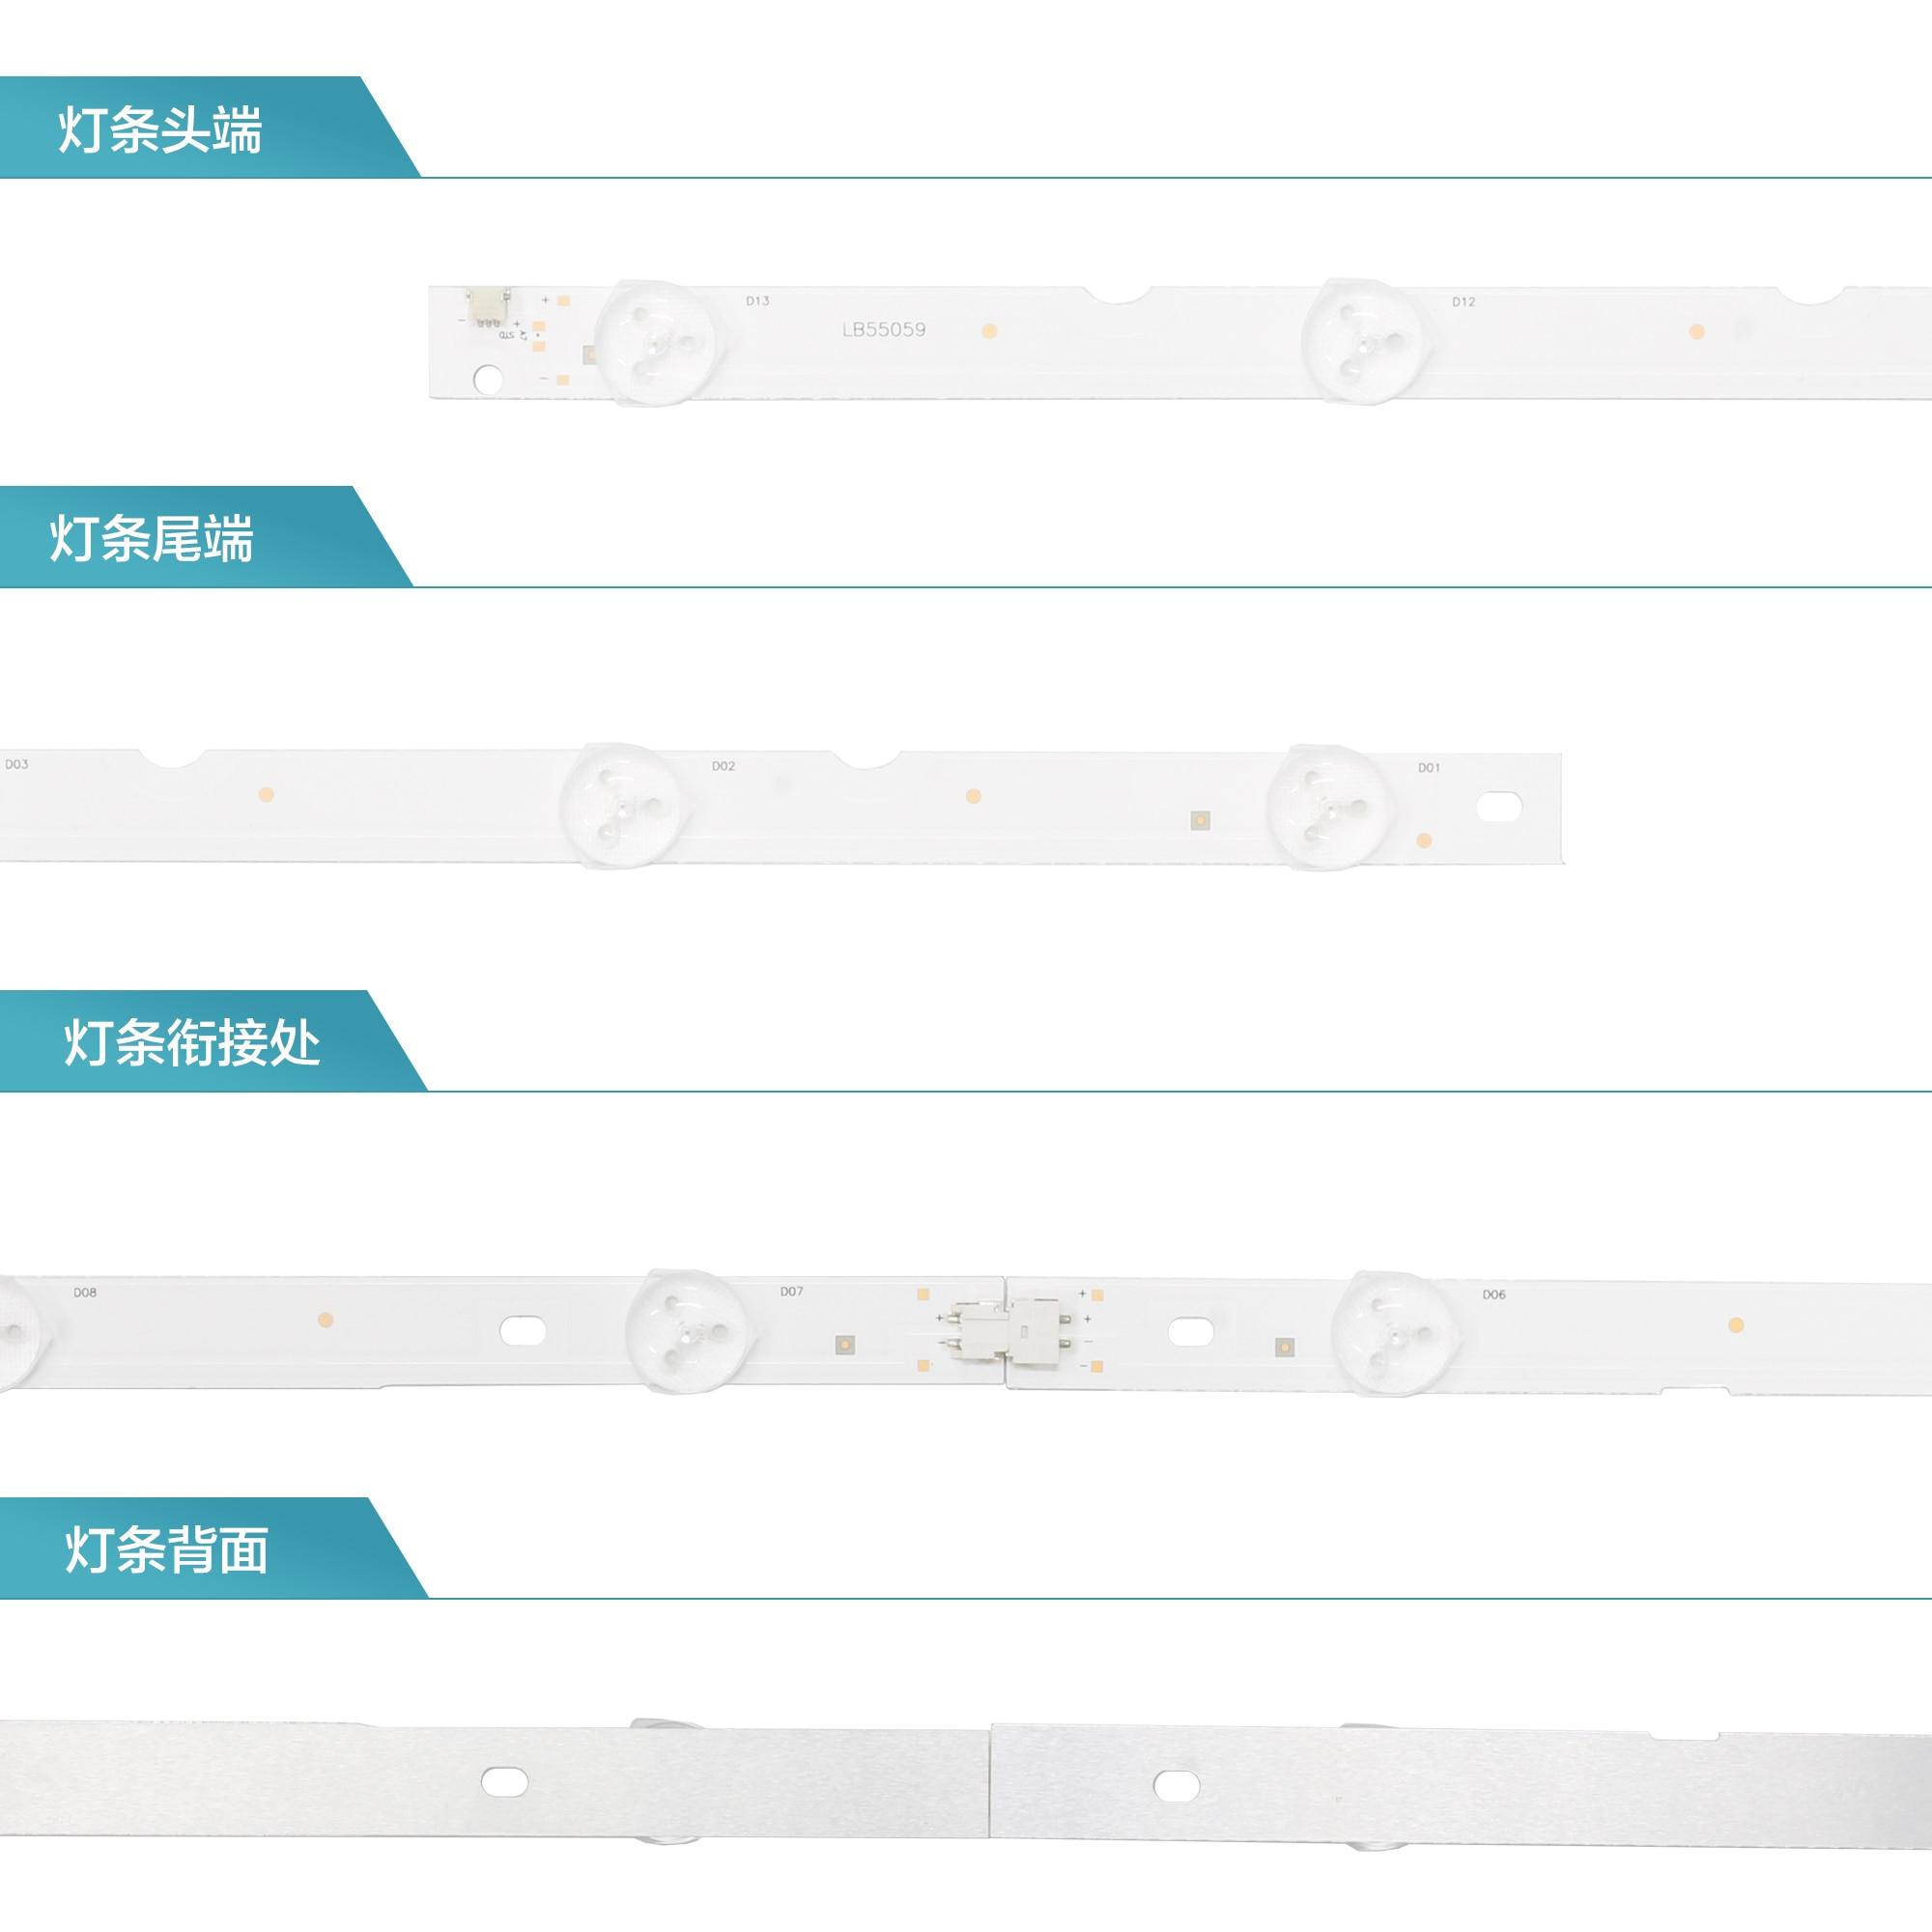 Changhong Ud55d6000i 55U3C / 55U1 / 55U1A / 55D7200i retroiluminación de TV. Lb-c550u15-e2, LB55059 Longitud 111,2 CM voltaje de la cuenta 3V pric